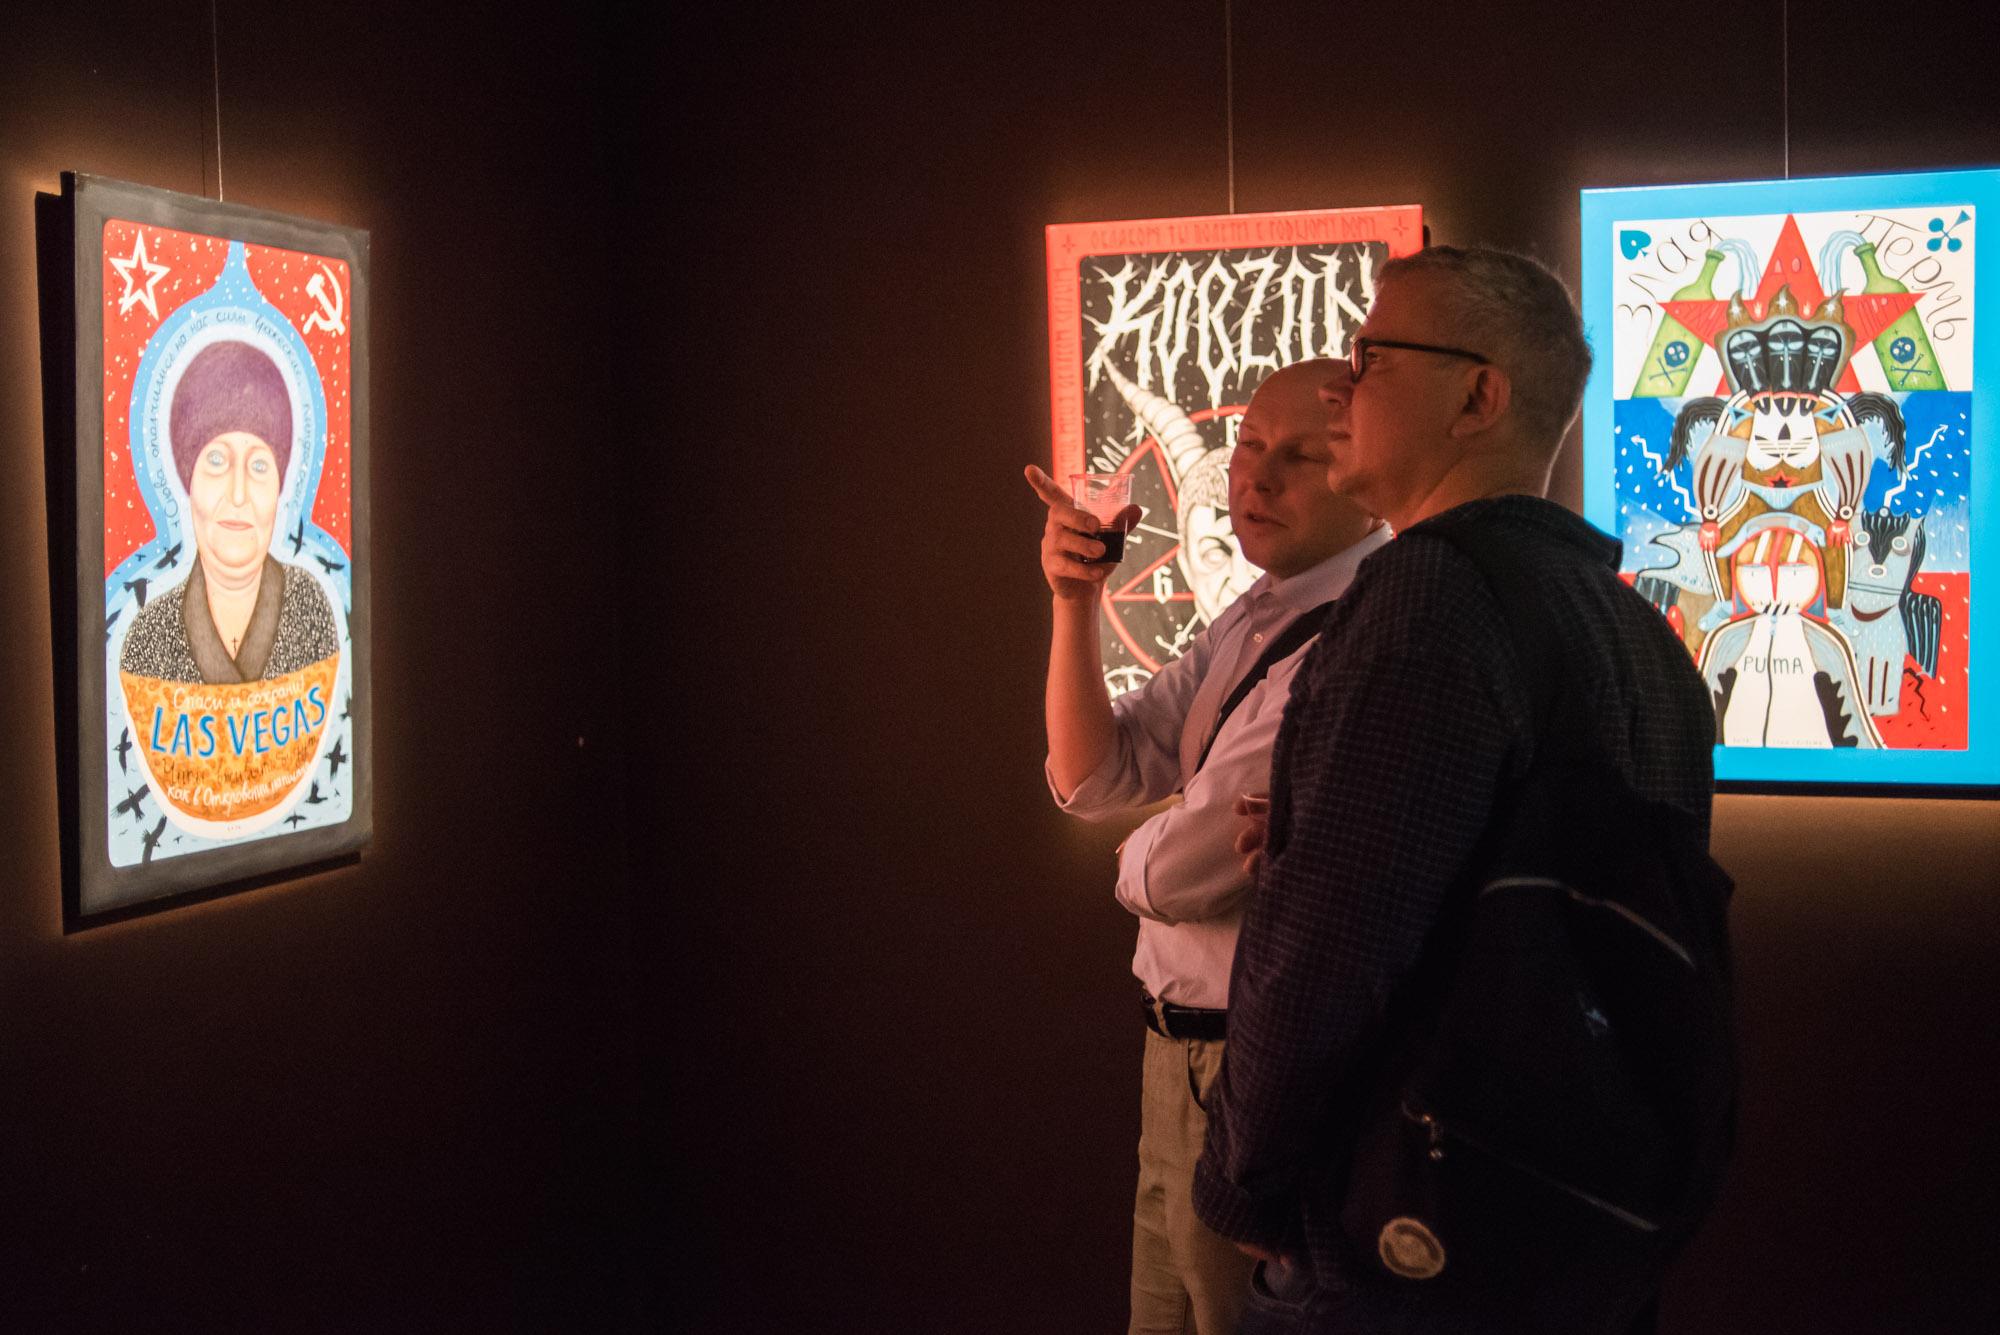 """[Wystawa Orient Station - """"Baśnie rosyjskiego świata"""" i """"Ukraińskie sny"""". Dwóch mężczyzn wpatruje się w zawieszone eksponaty. Jeden z nich pokazuje palcem wskazującym na jeden z obrazów i widać, że coś tłumaczy swojemu towarzyszowi. Ten słucha go z ciekawością.]"""